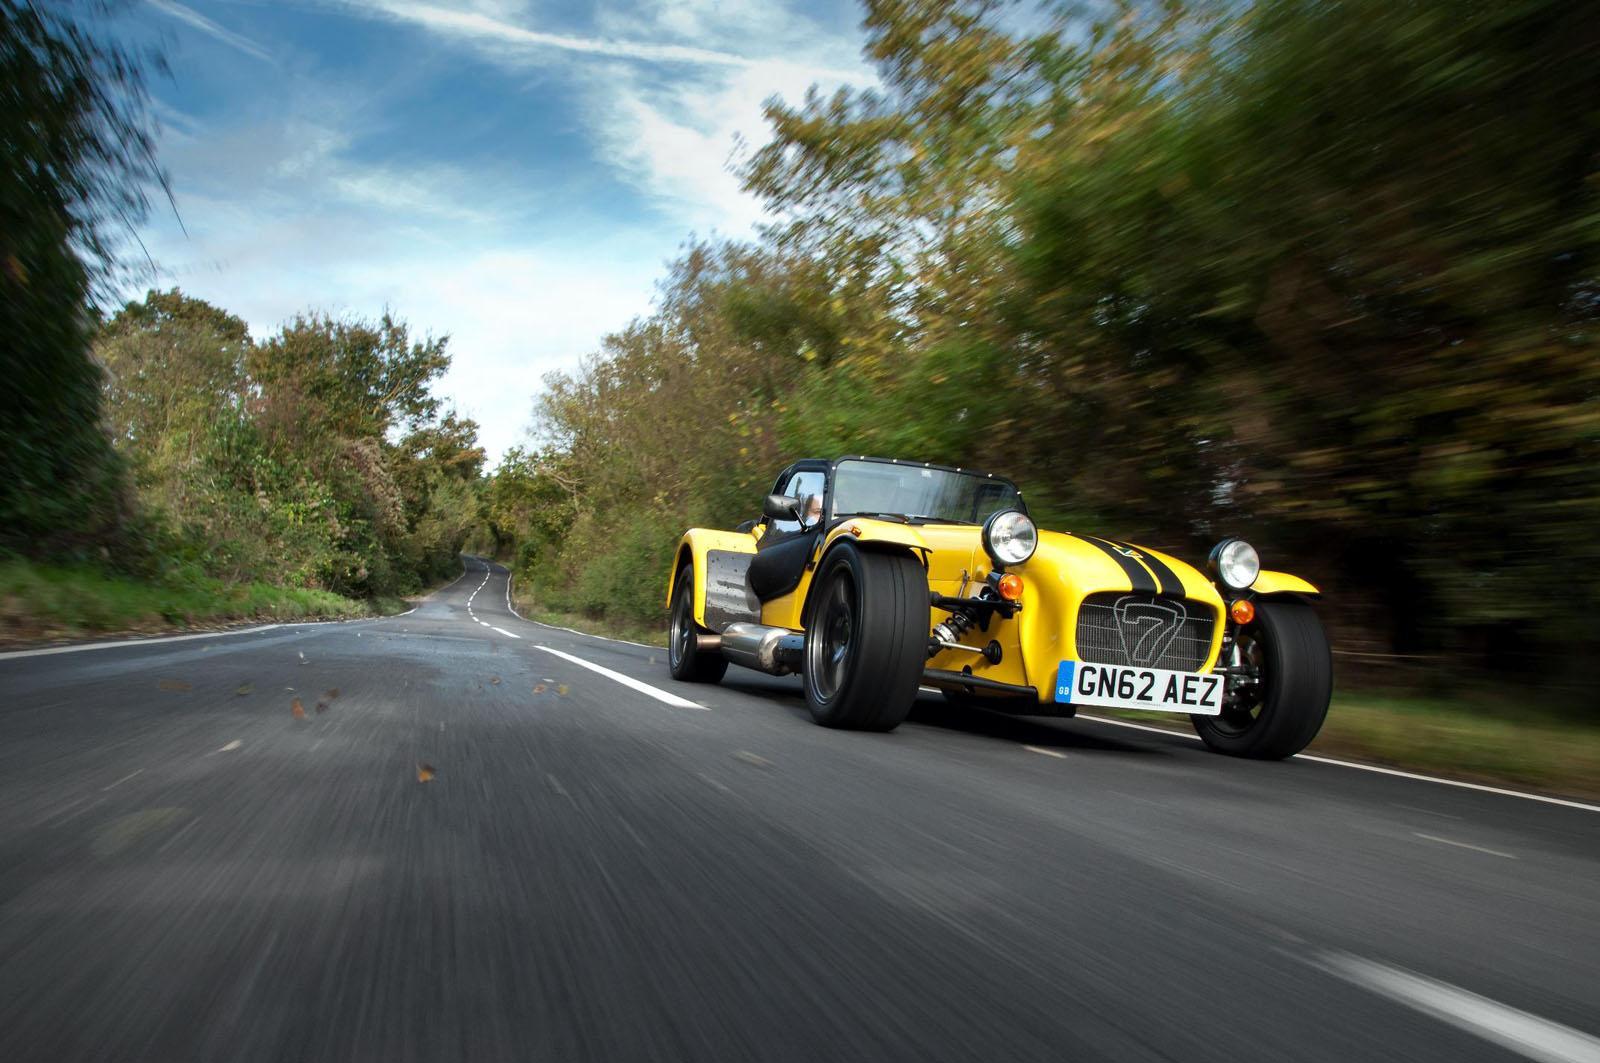 2012 11 10 IMG 2012 11 10 160937 caterham supersport r 3